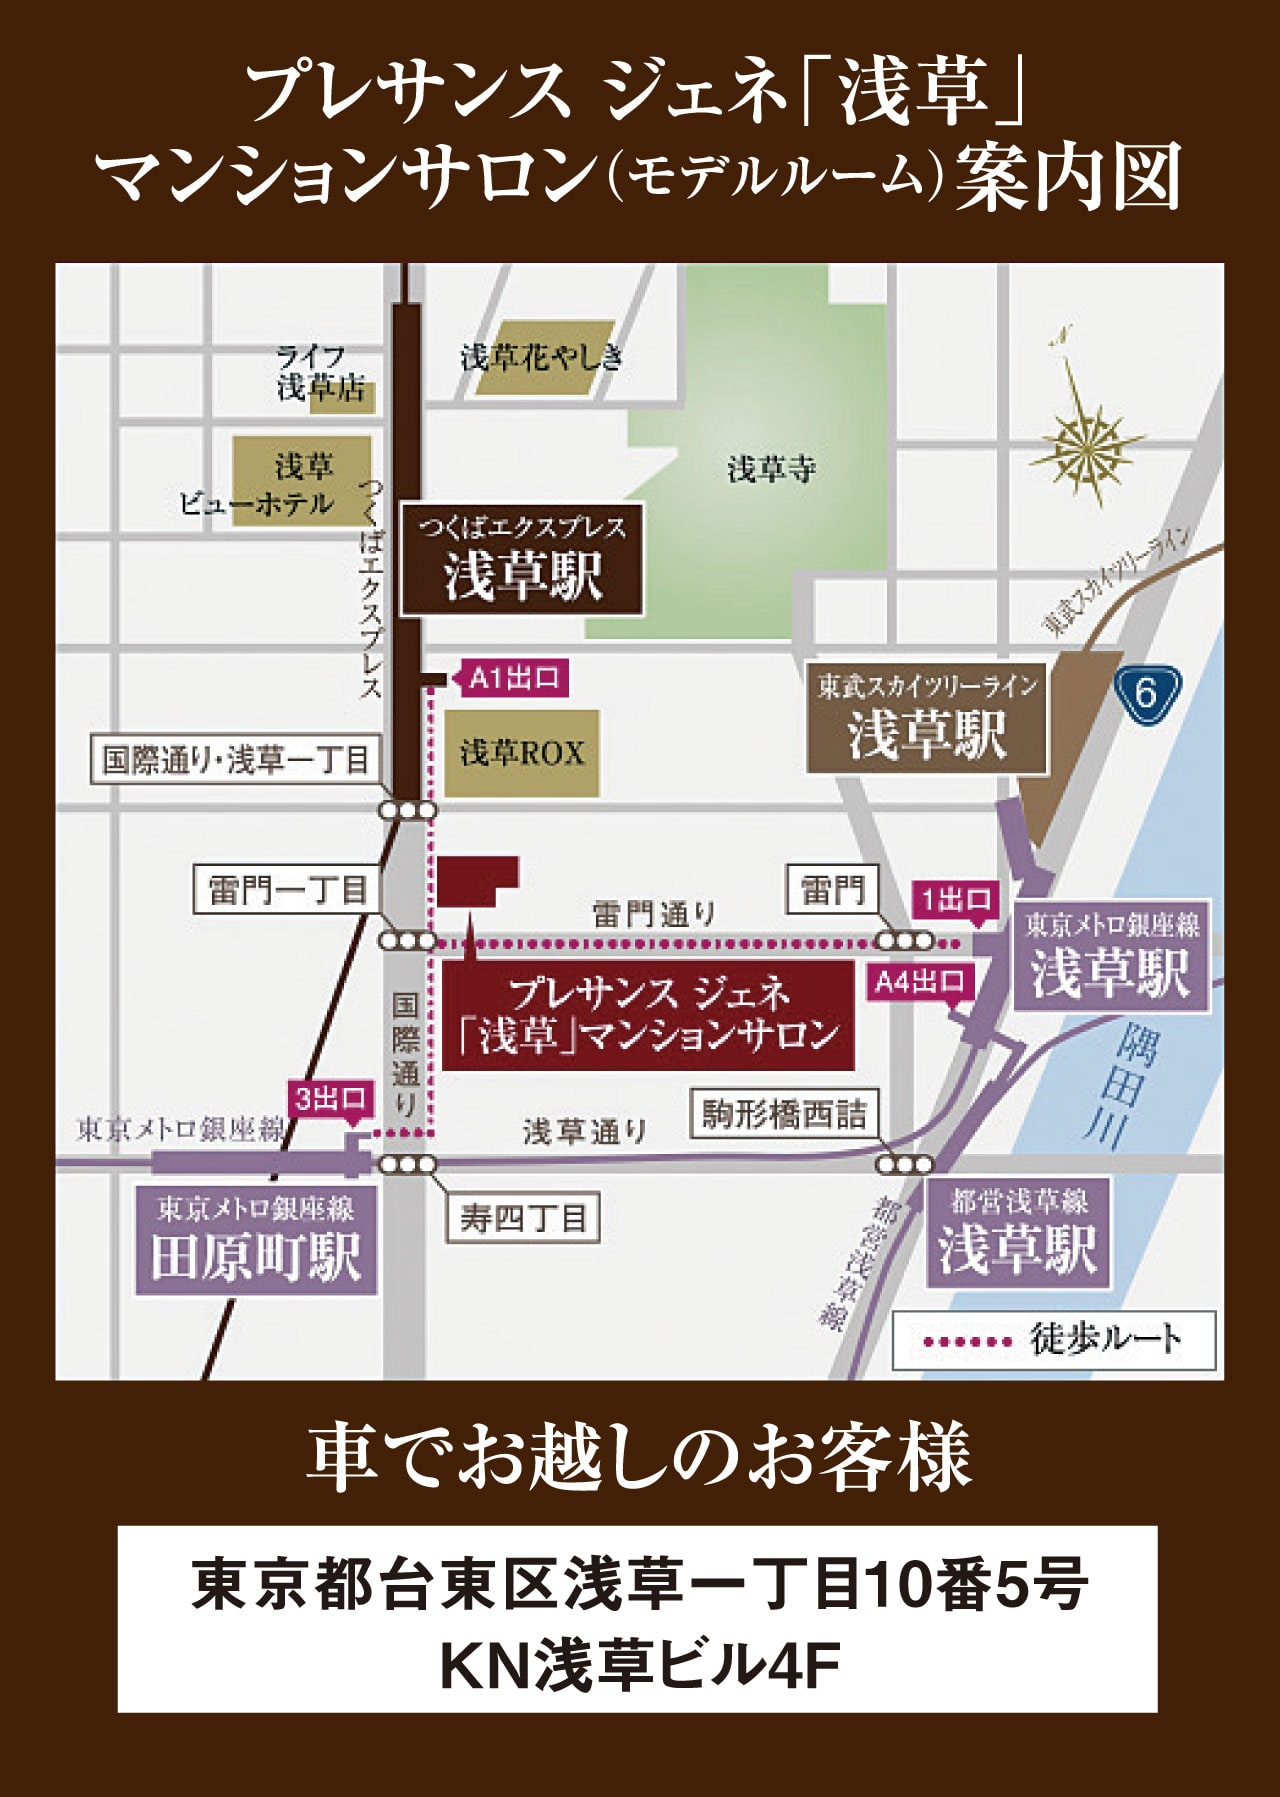 プレサンス ジェネ 浅草WEST:モデルルーム地図